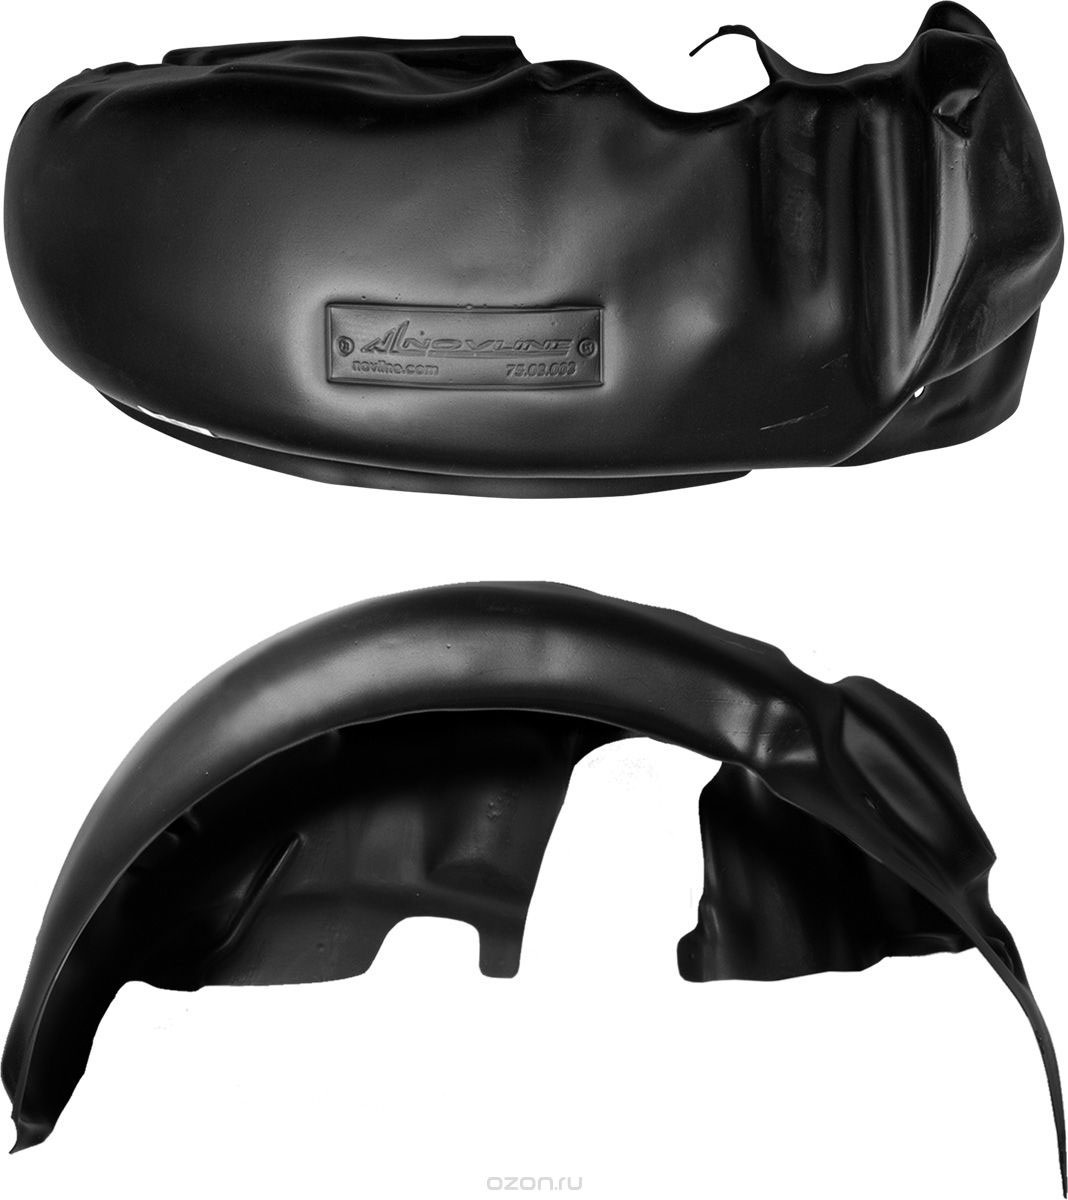 Подкрылок Novline-Autofamily, для Kia Rio III, 2005-2010, задний левыйNLS.36.49.002Идеальная защита колесной ниши. Локеры разработаны с применением цифровых технологий, гарантируют максимальную повторяемость поверхности арки. Изделия устанавливаются без нарушения лакокрасочного покрытия автомобиля, каждый подкрылок комплектуется крепежом. Уважаемые клиенты, обращаем ваше внимание, что фотографии на подкрылки универсальные и не отражают реальную форму изделия. При этом само изделие идет точно под размер указанного автомобиля.